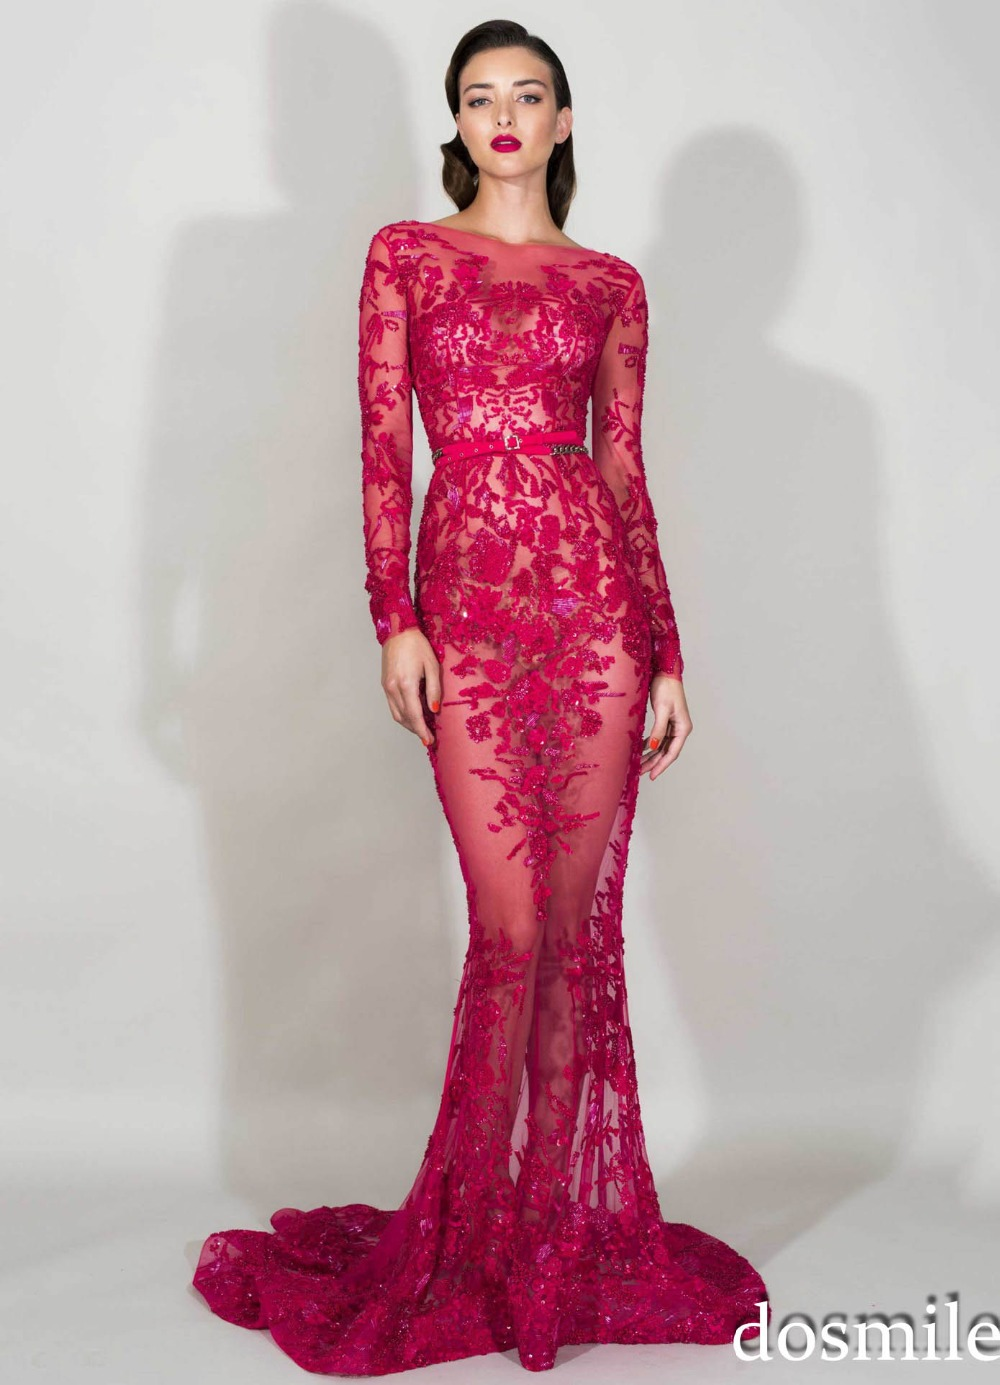 Atemberaubend Prom Kleider Pfirsich Fotos - Hochzeit Kleid Stile ...